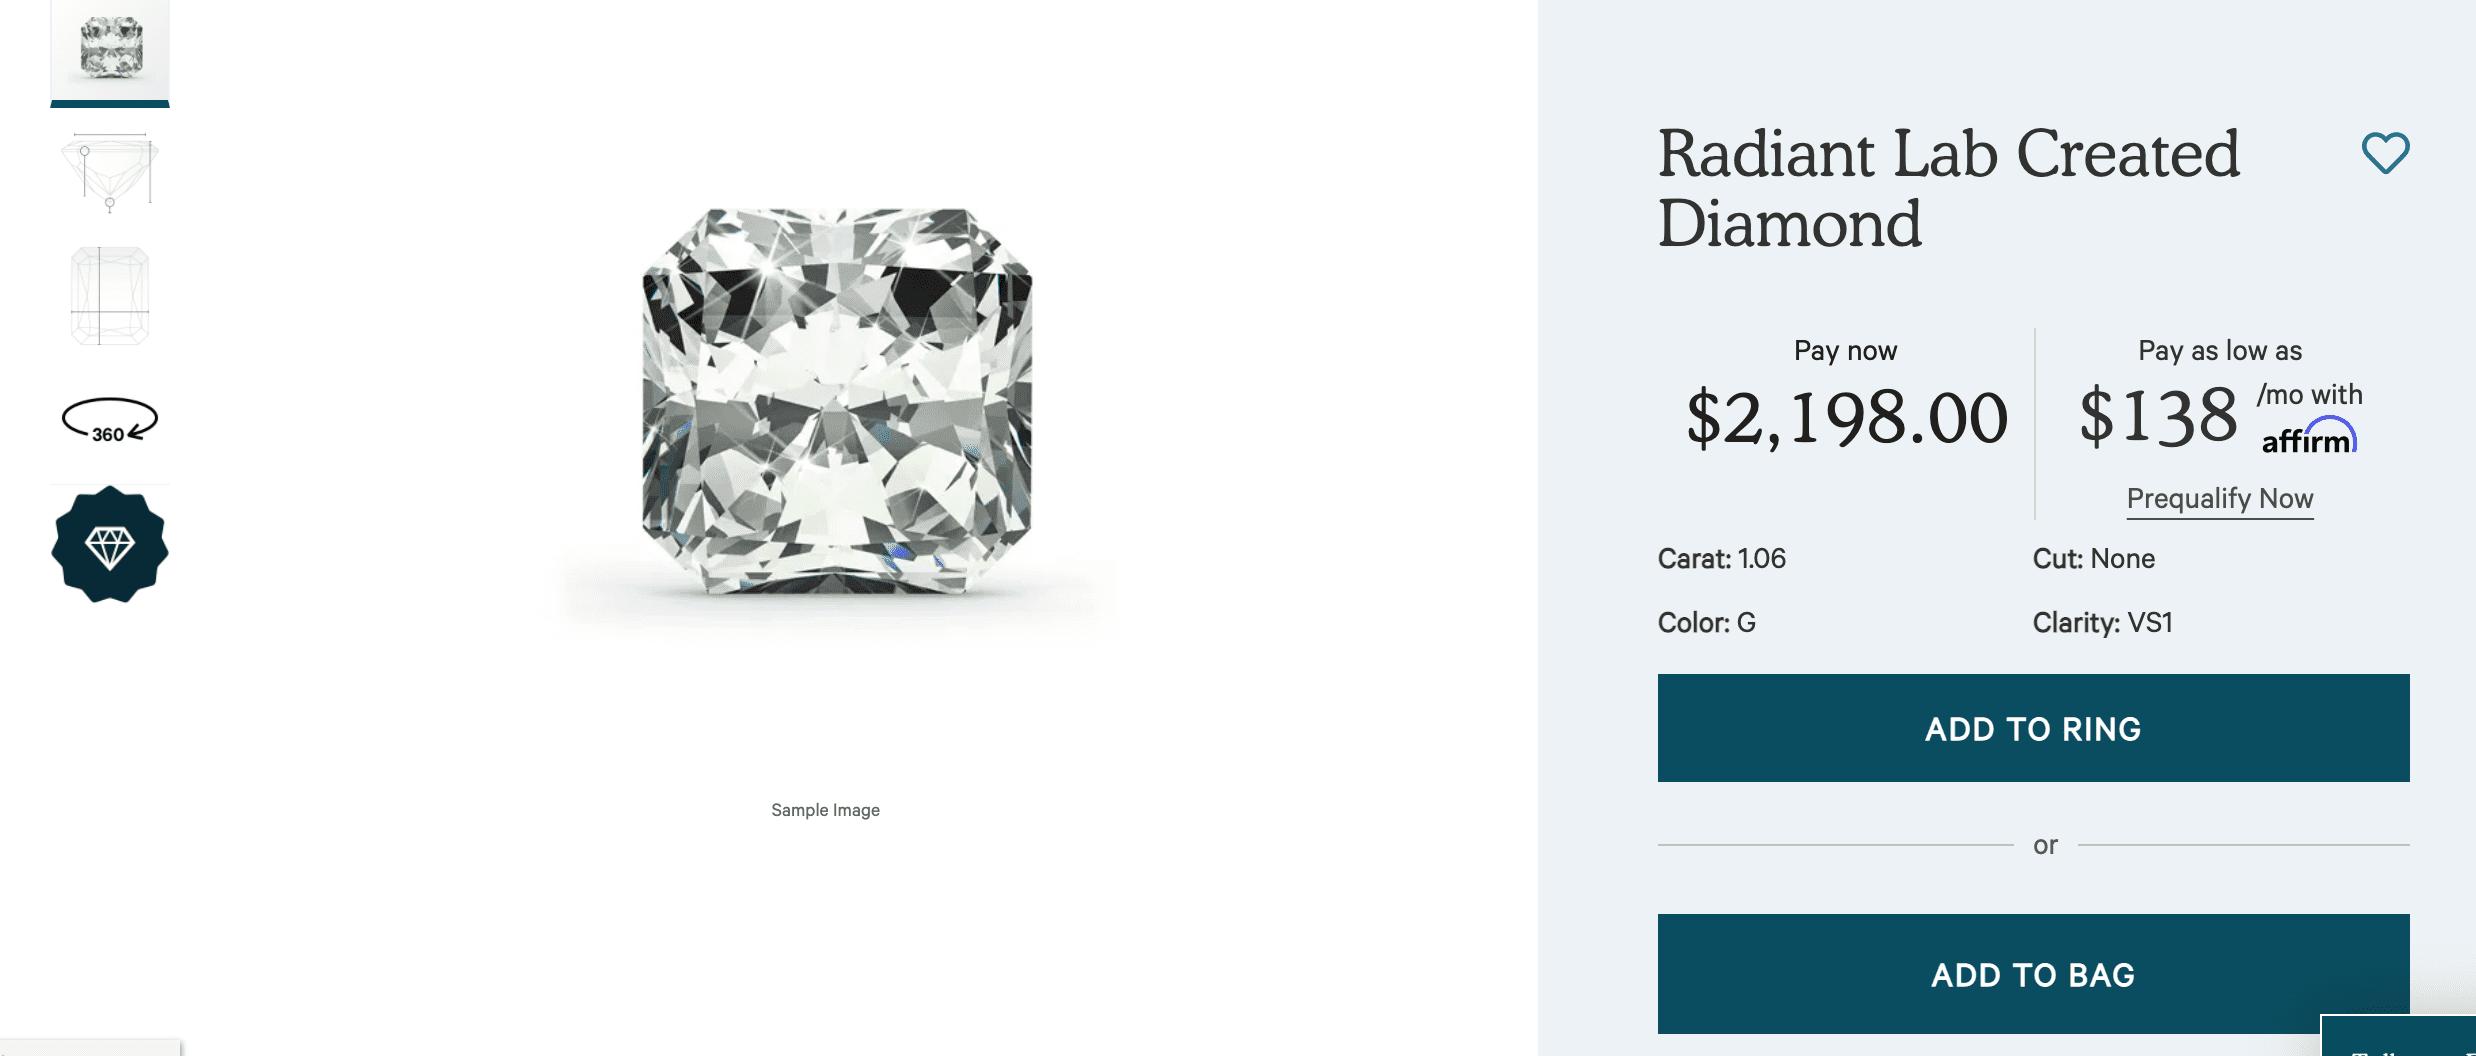 Radiant Lab Created Diamond